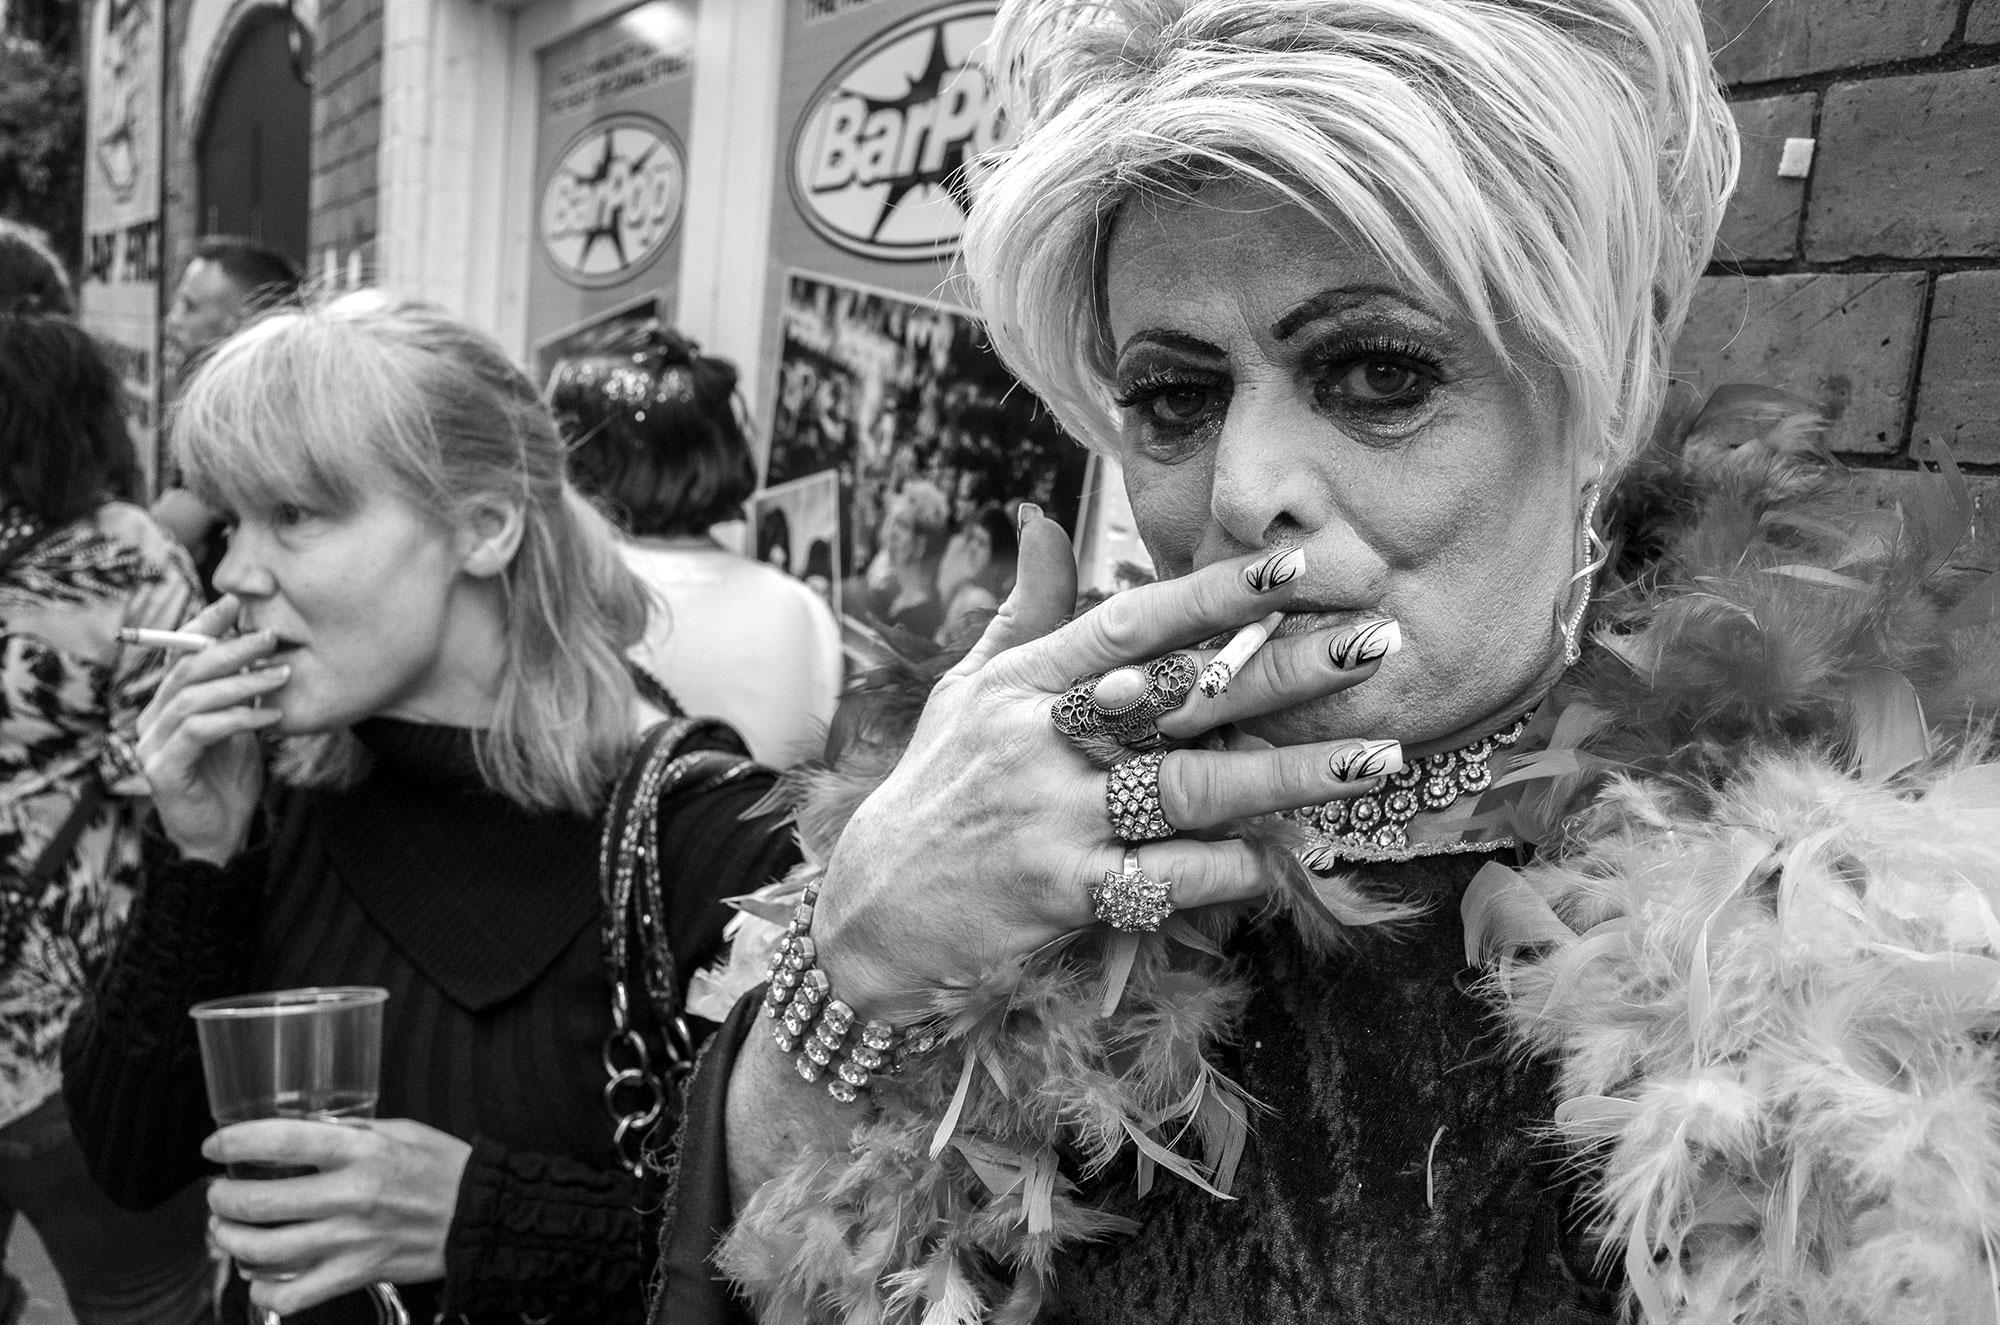 StreetPhotography_David_Gleave_portrait